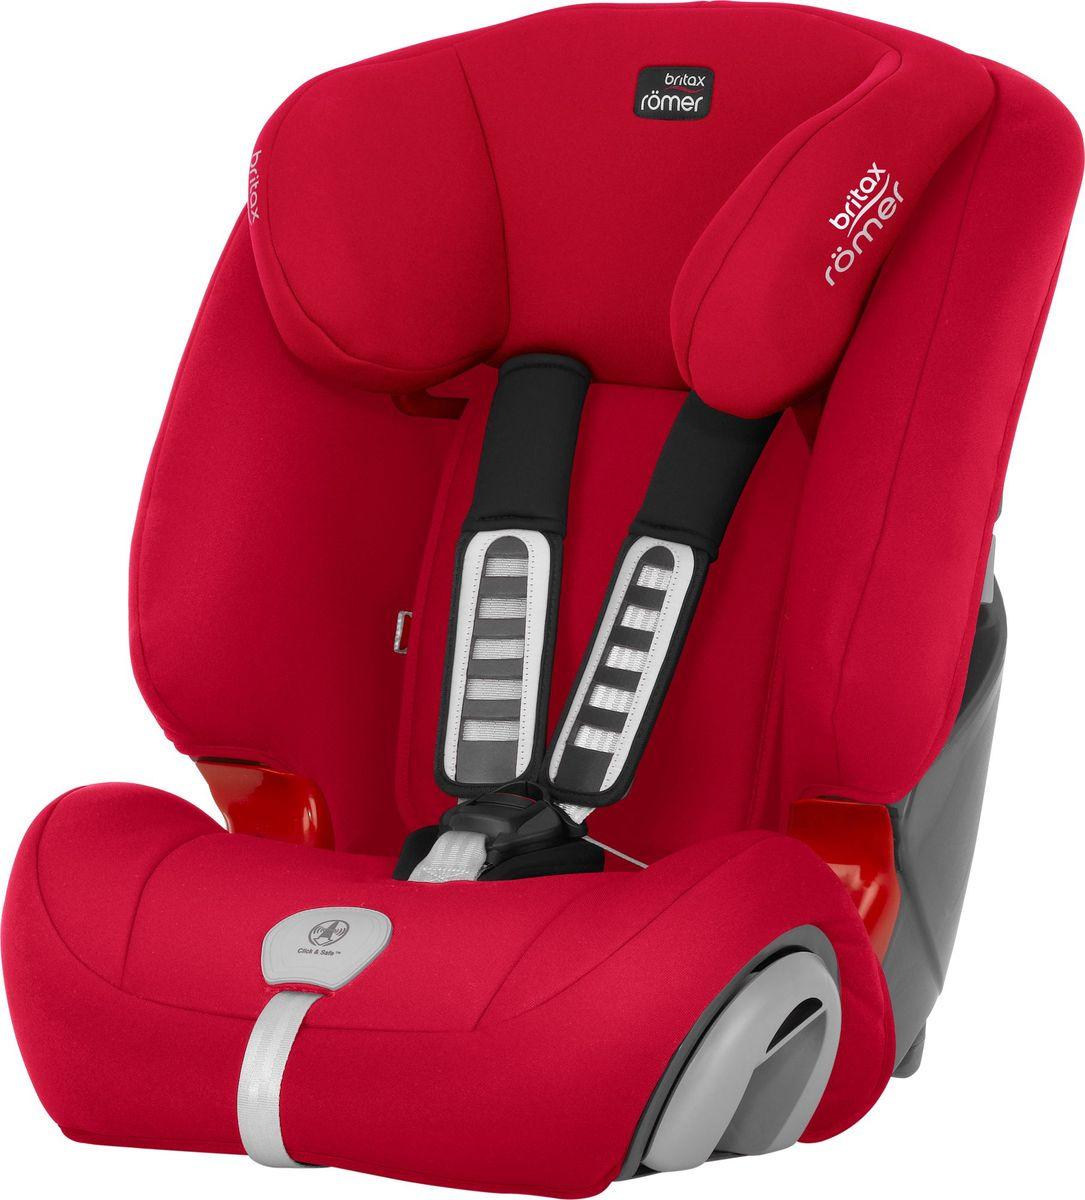 Автокресло детское Britax Roemer Evolva 1-2-3 plus, 2000030821, красный, 9-36 кг britax evolva 1 2 3 plus